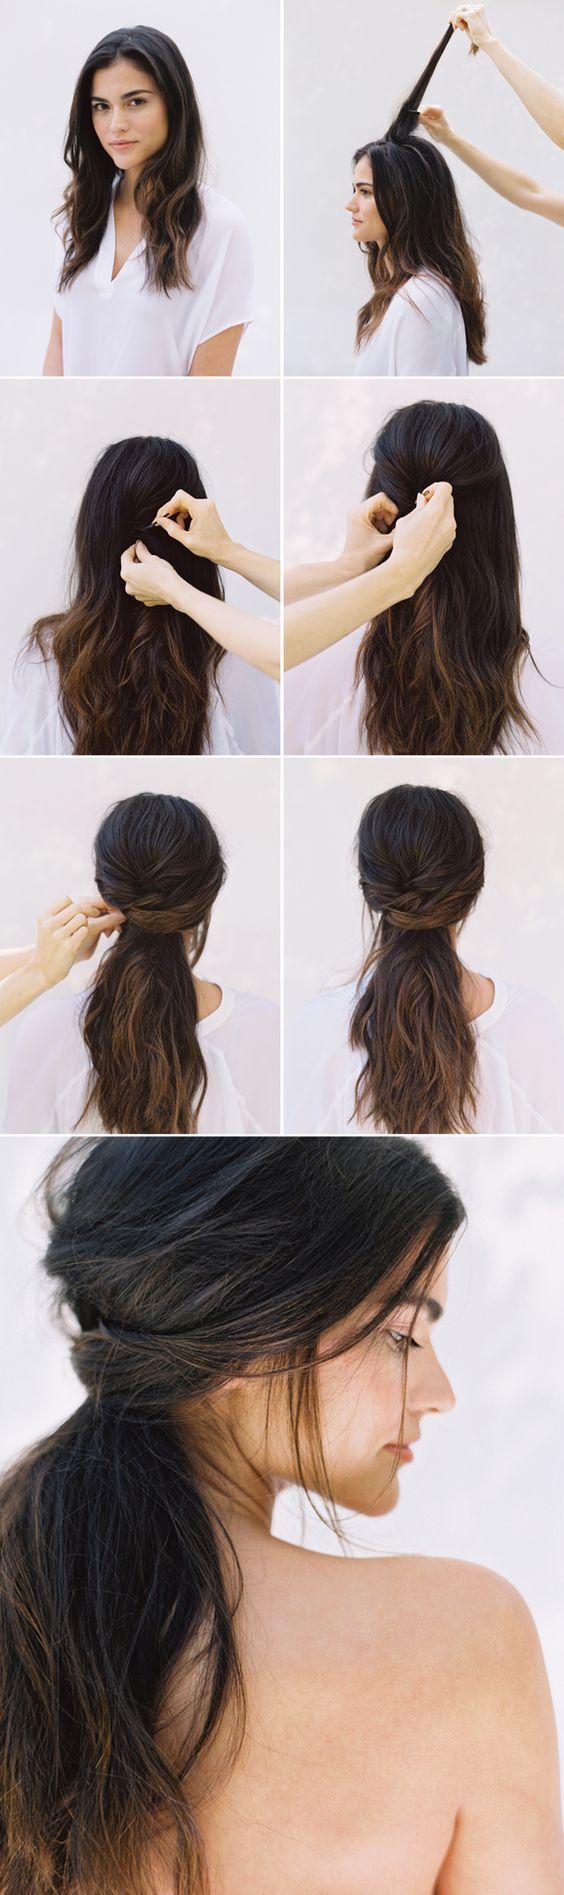 10 Peinados Ideales Para Tu Boda Civil Mujer De 10 Guia Real Para La Mujer Actual Enterate Ya Peinados Boho Peinado Y Maquillaje Peinados Poco Cabello